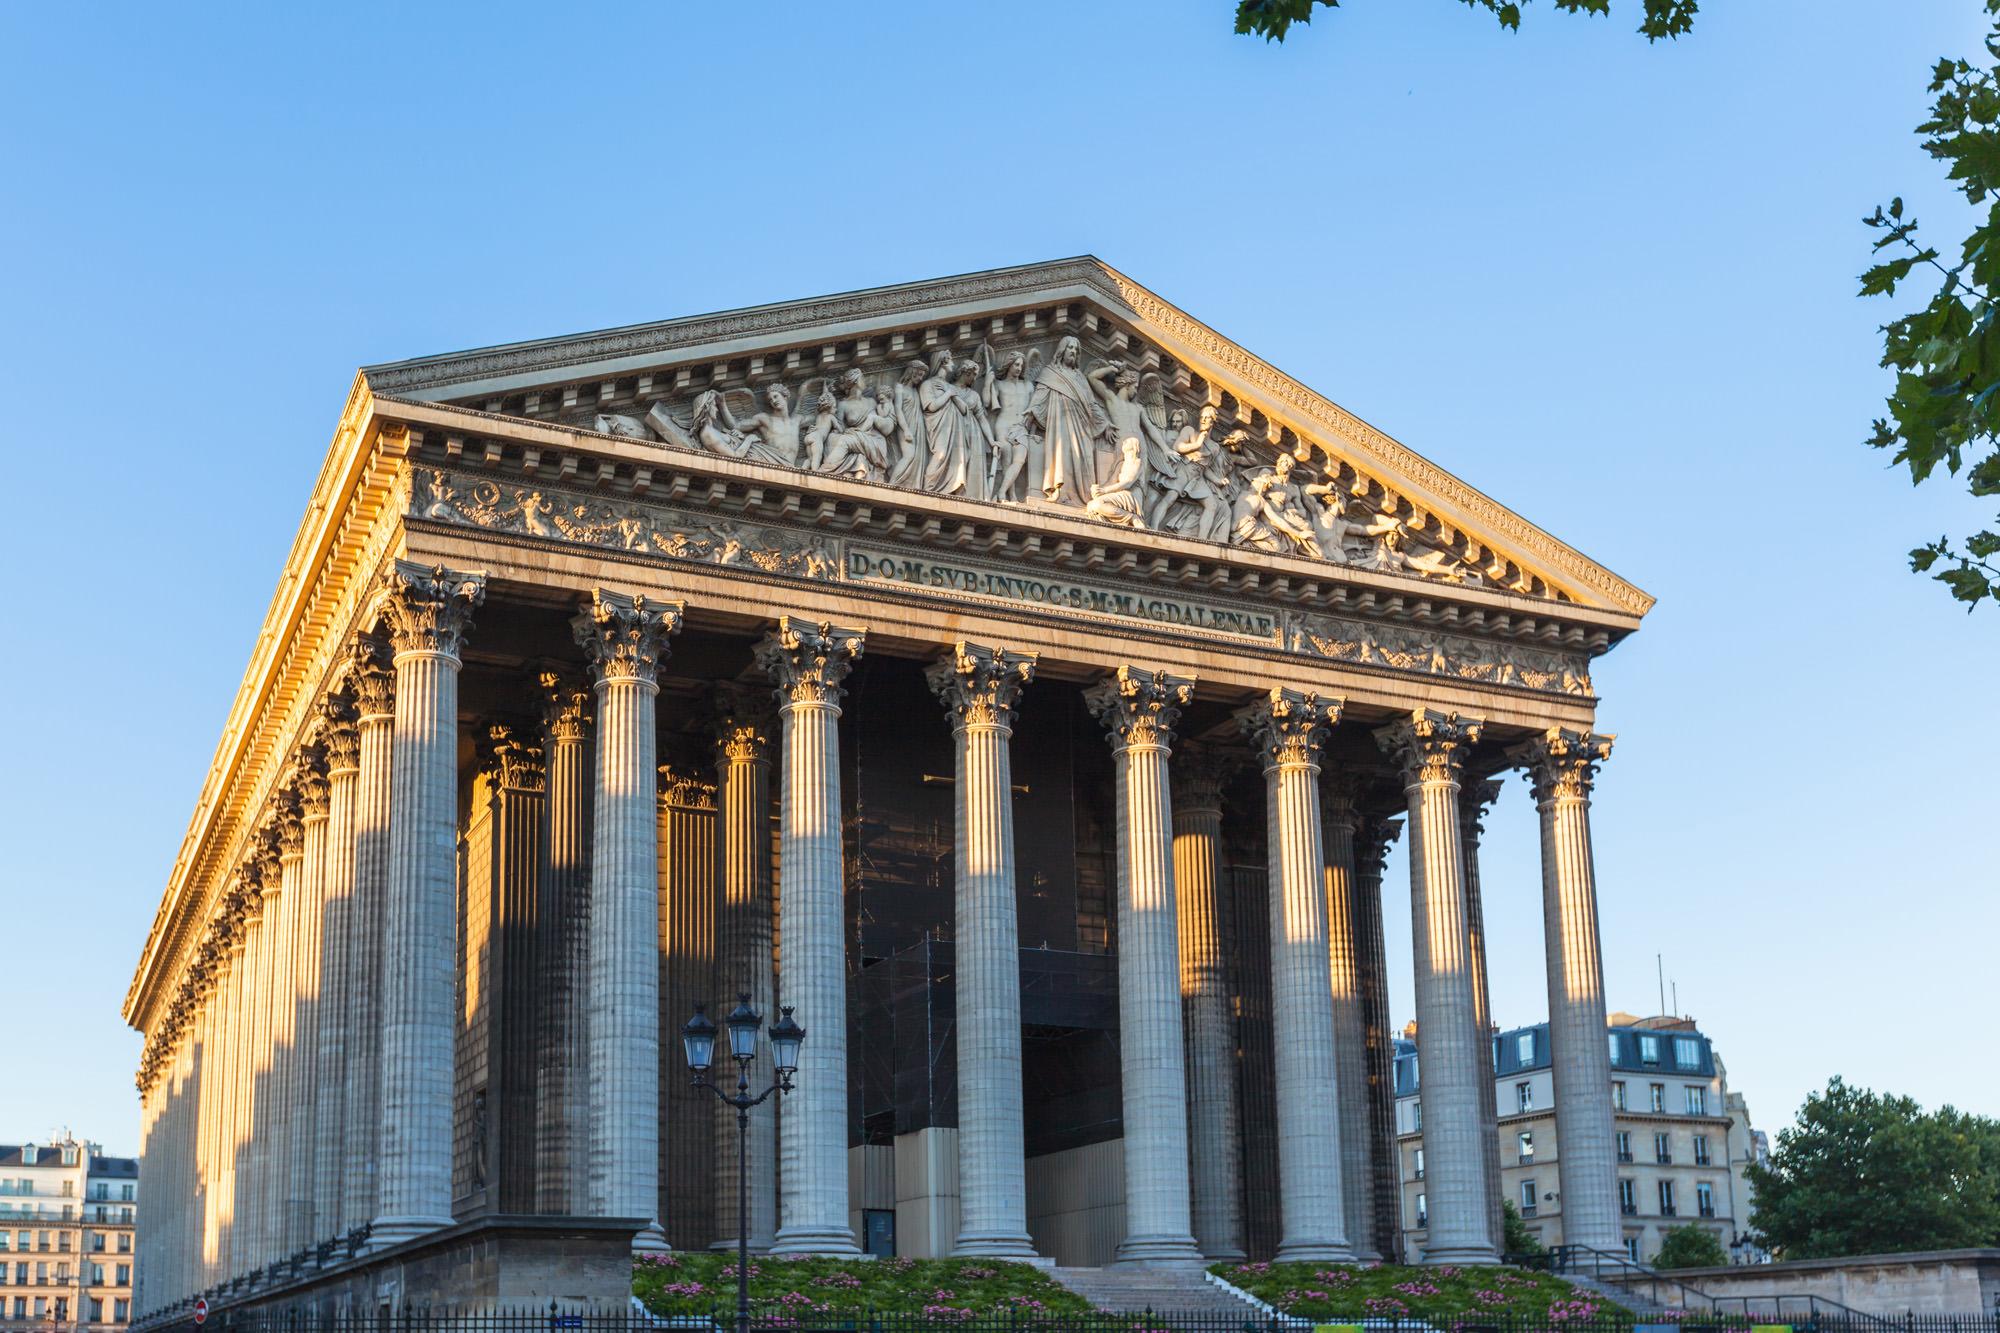 la madeleine paris kirche napoleon griechischer tempel glise paris 360. Black Bedroom Furniture Sets. Home Design Ideas